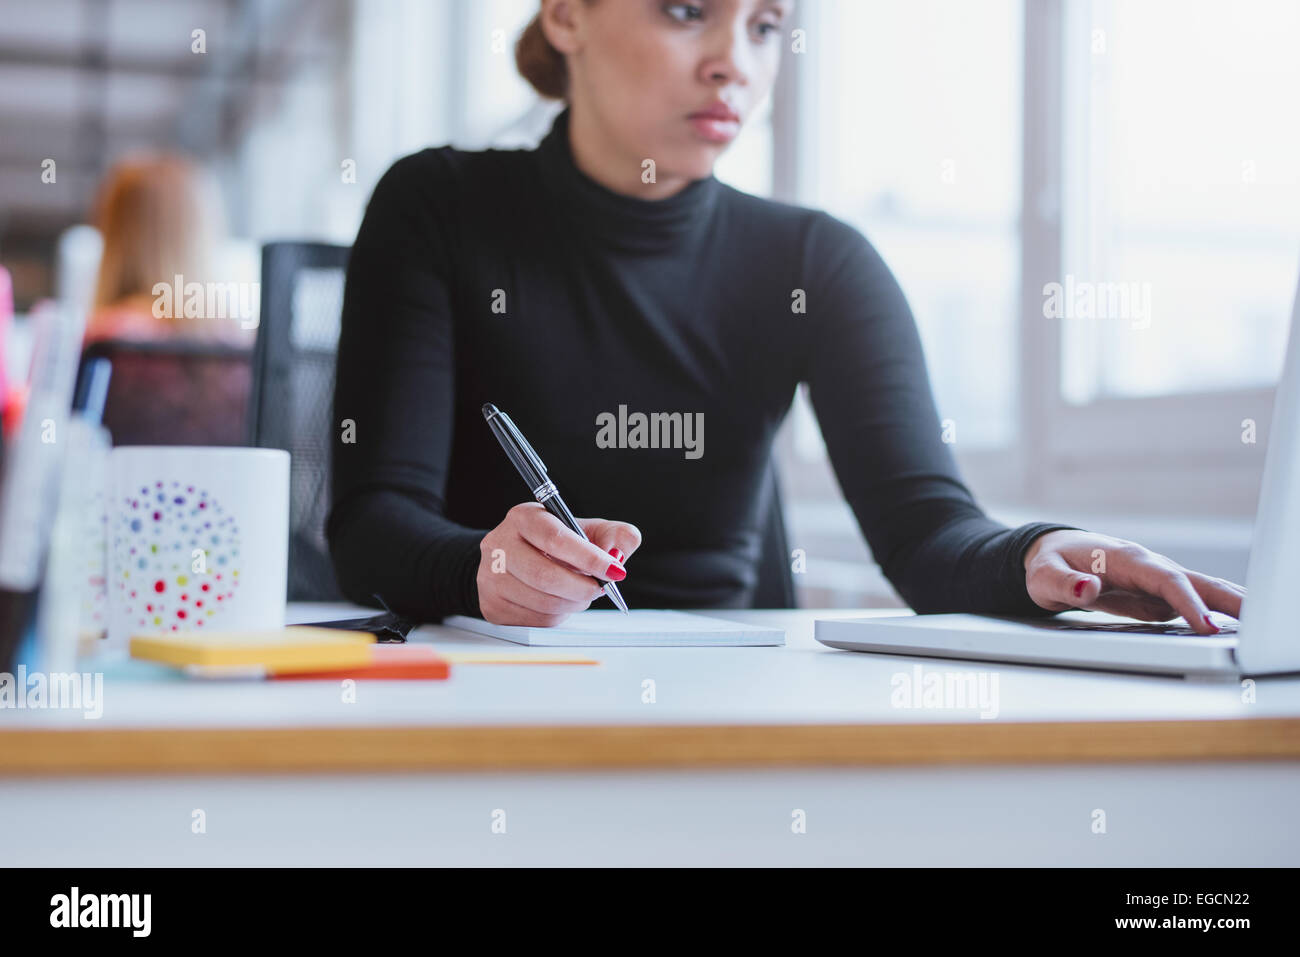 Junge Frau Notizen von Laptop. Weibliche Führungskraft ihrem Schreibtisch mit Laptop und Schreiben von Notizen Stockbild